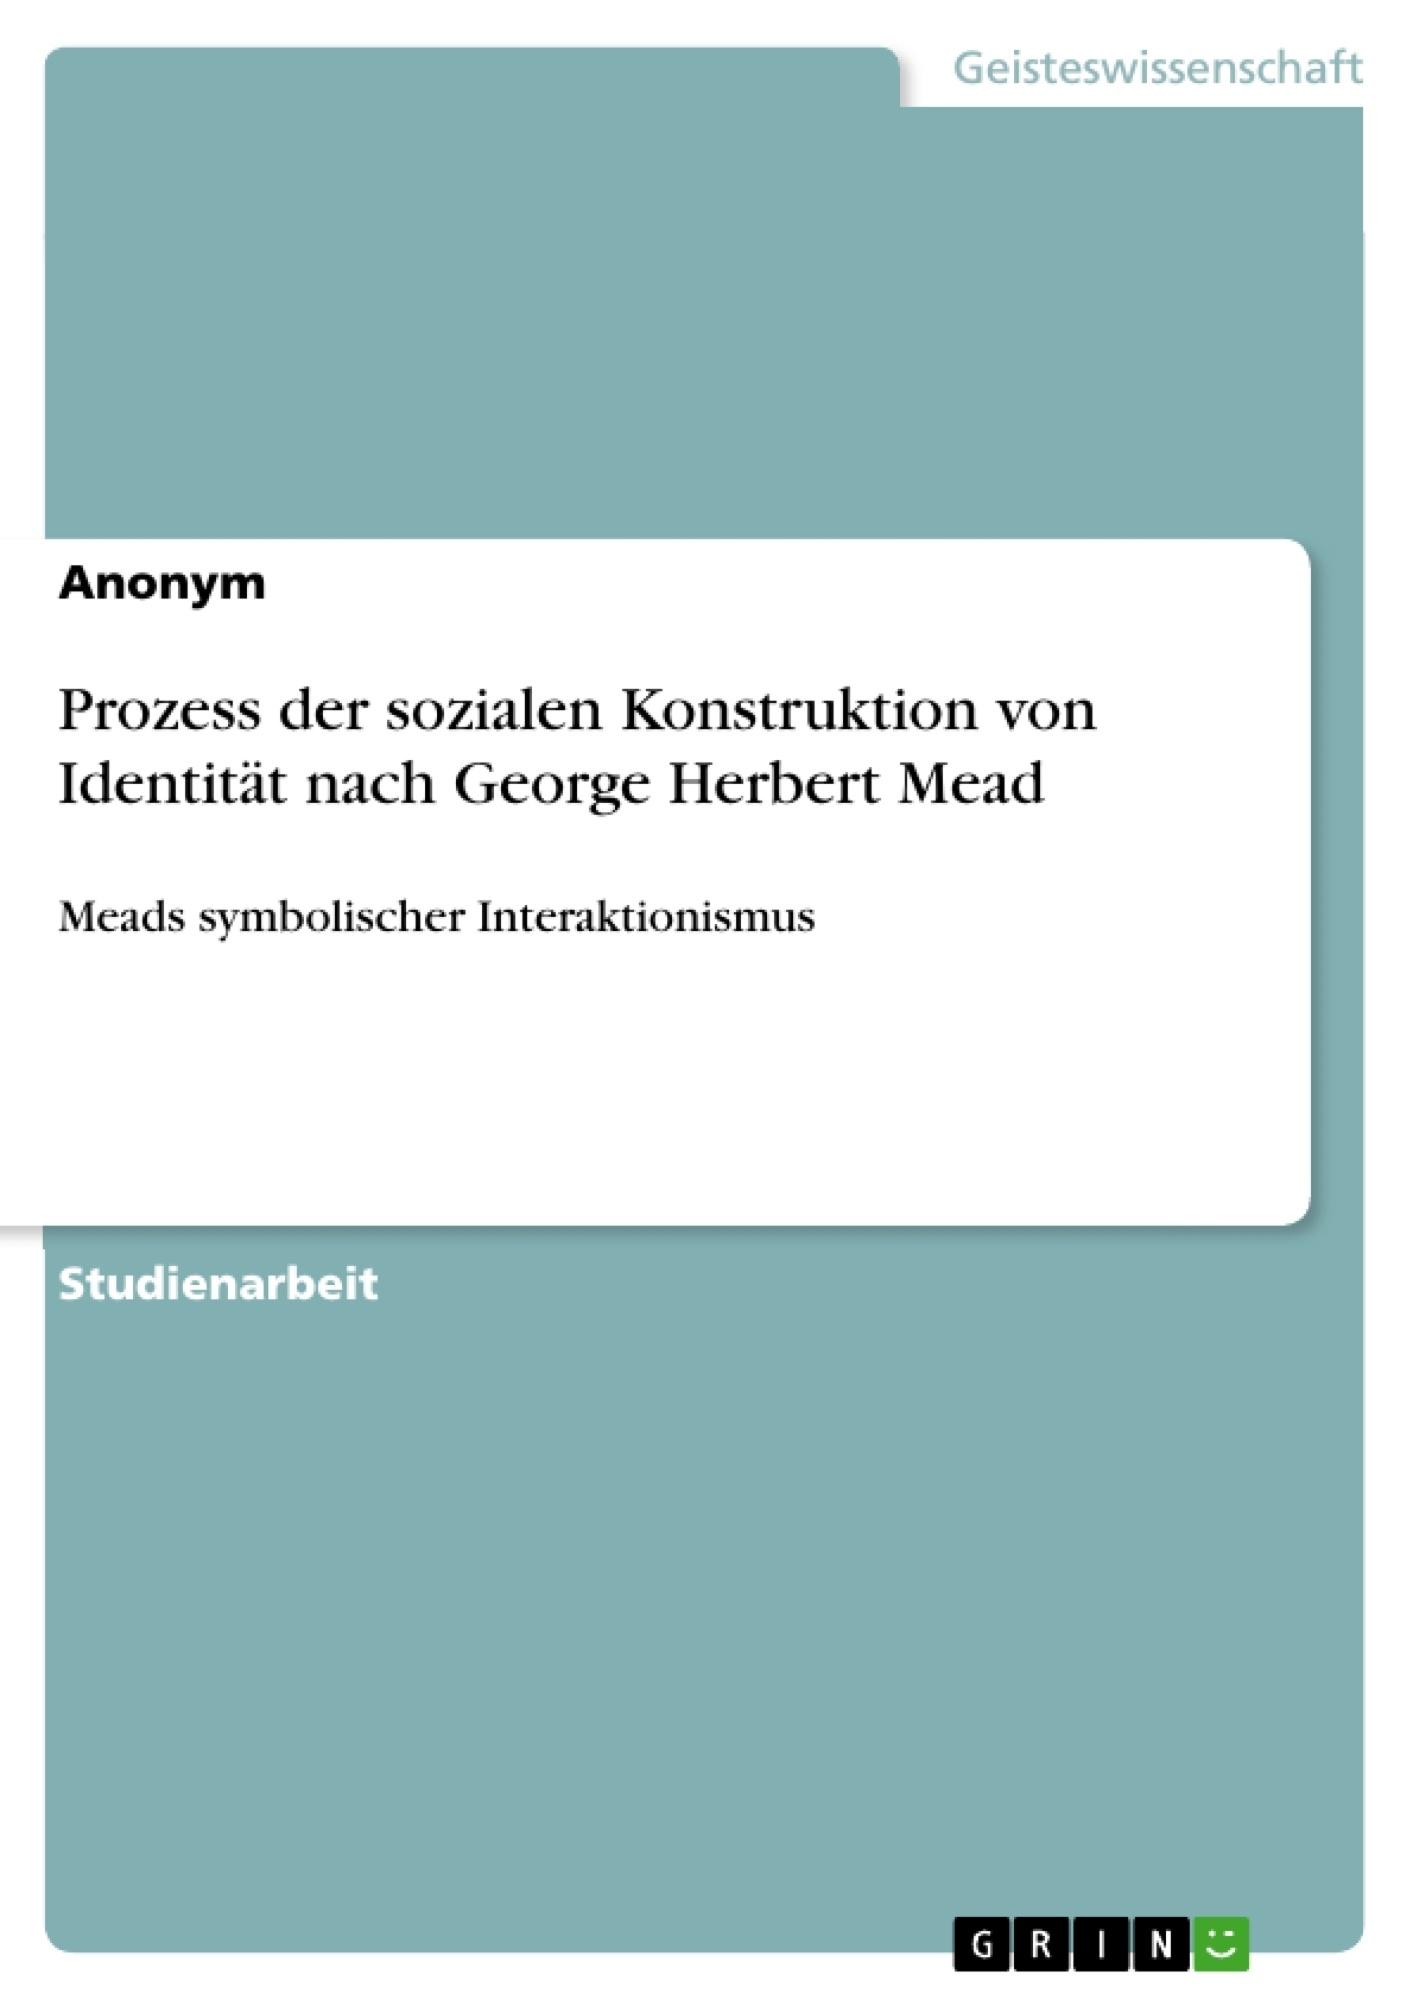 Titel: Prozess der sozialen Konstruktion von Identität nach George Herbert Mead